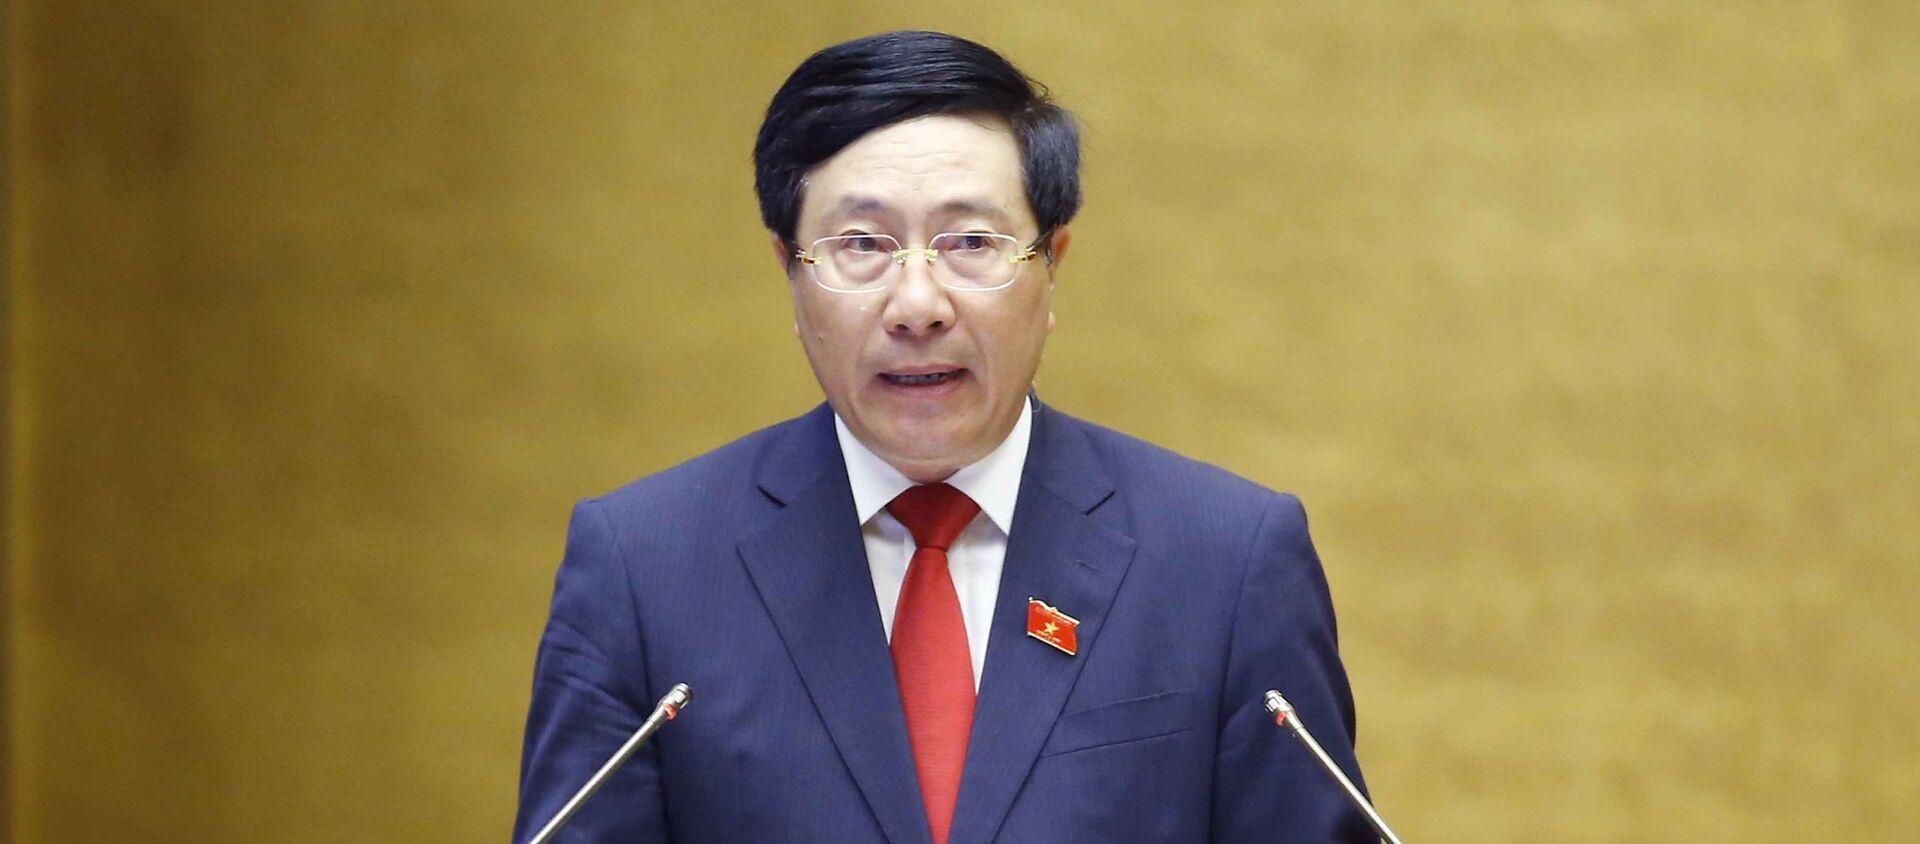 Phó Thủ tướng Chính phủ nhiệm kỳ 2016-2021 Phạm Bình Minh trình bày Báo cáo về đánh giá kết quả thực hiện kế hoạch phát triển kinh tế - xã hội, - Sputnik Việt Nam, 1920, 22.07.2021